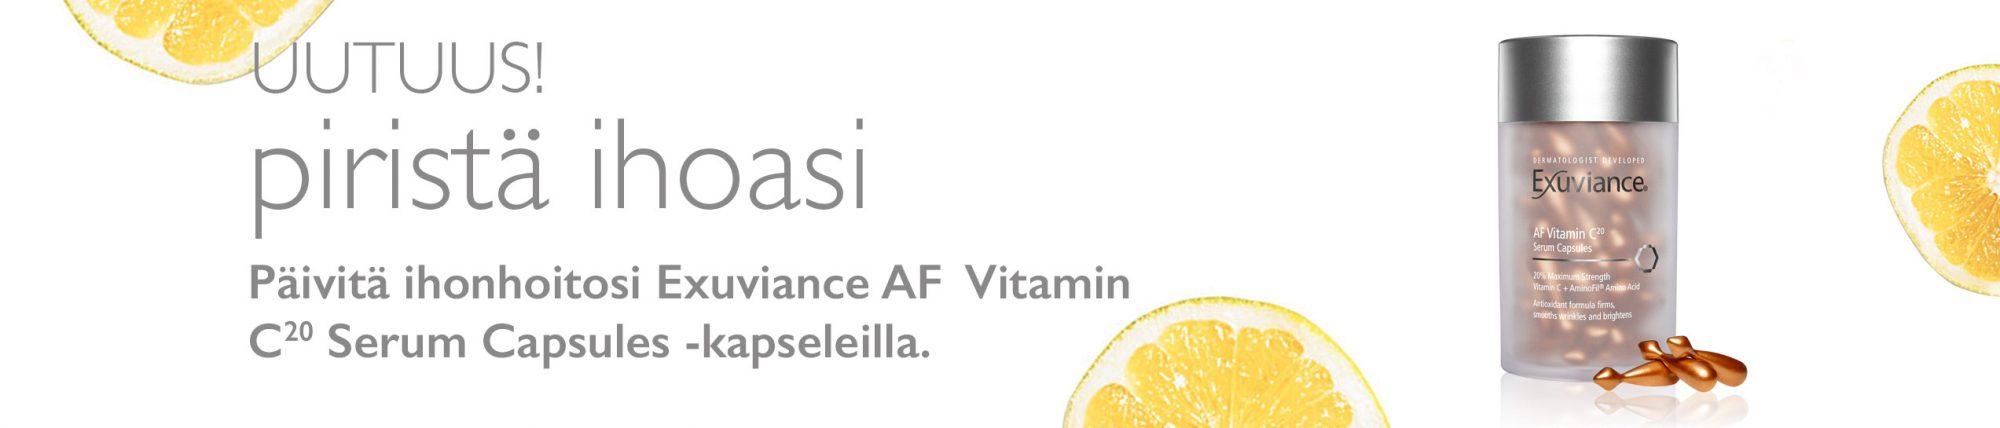 Ihana Exuviance uutuus! C-vitamiini kapselit